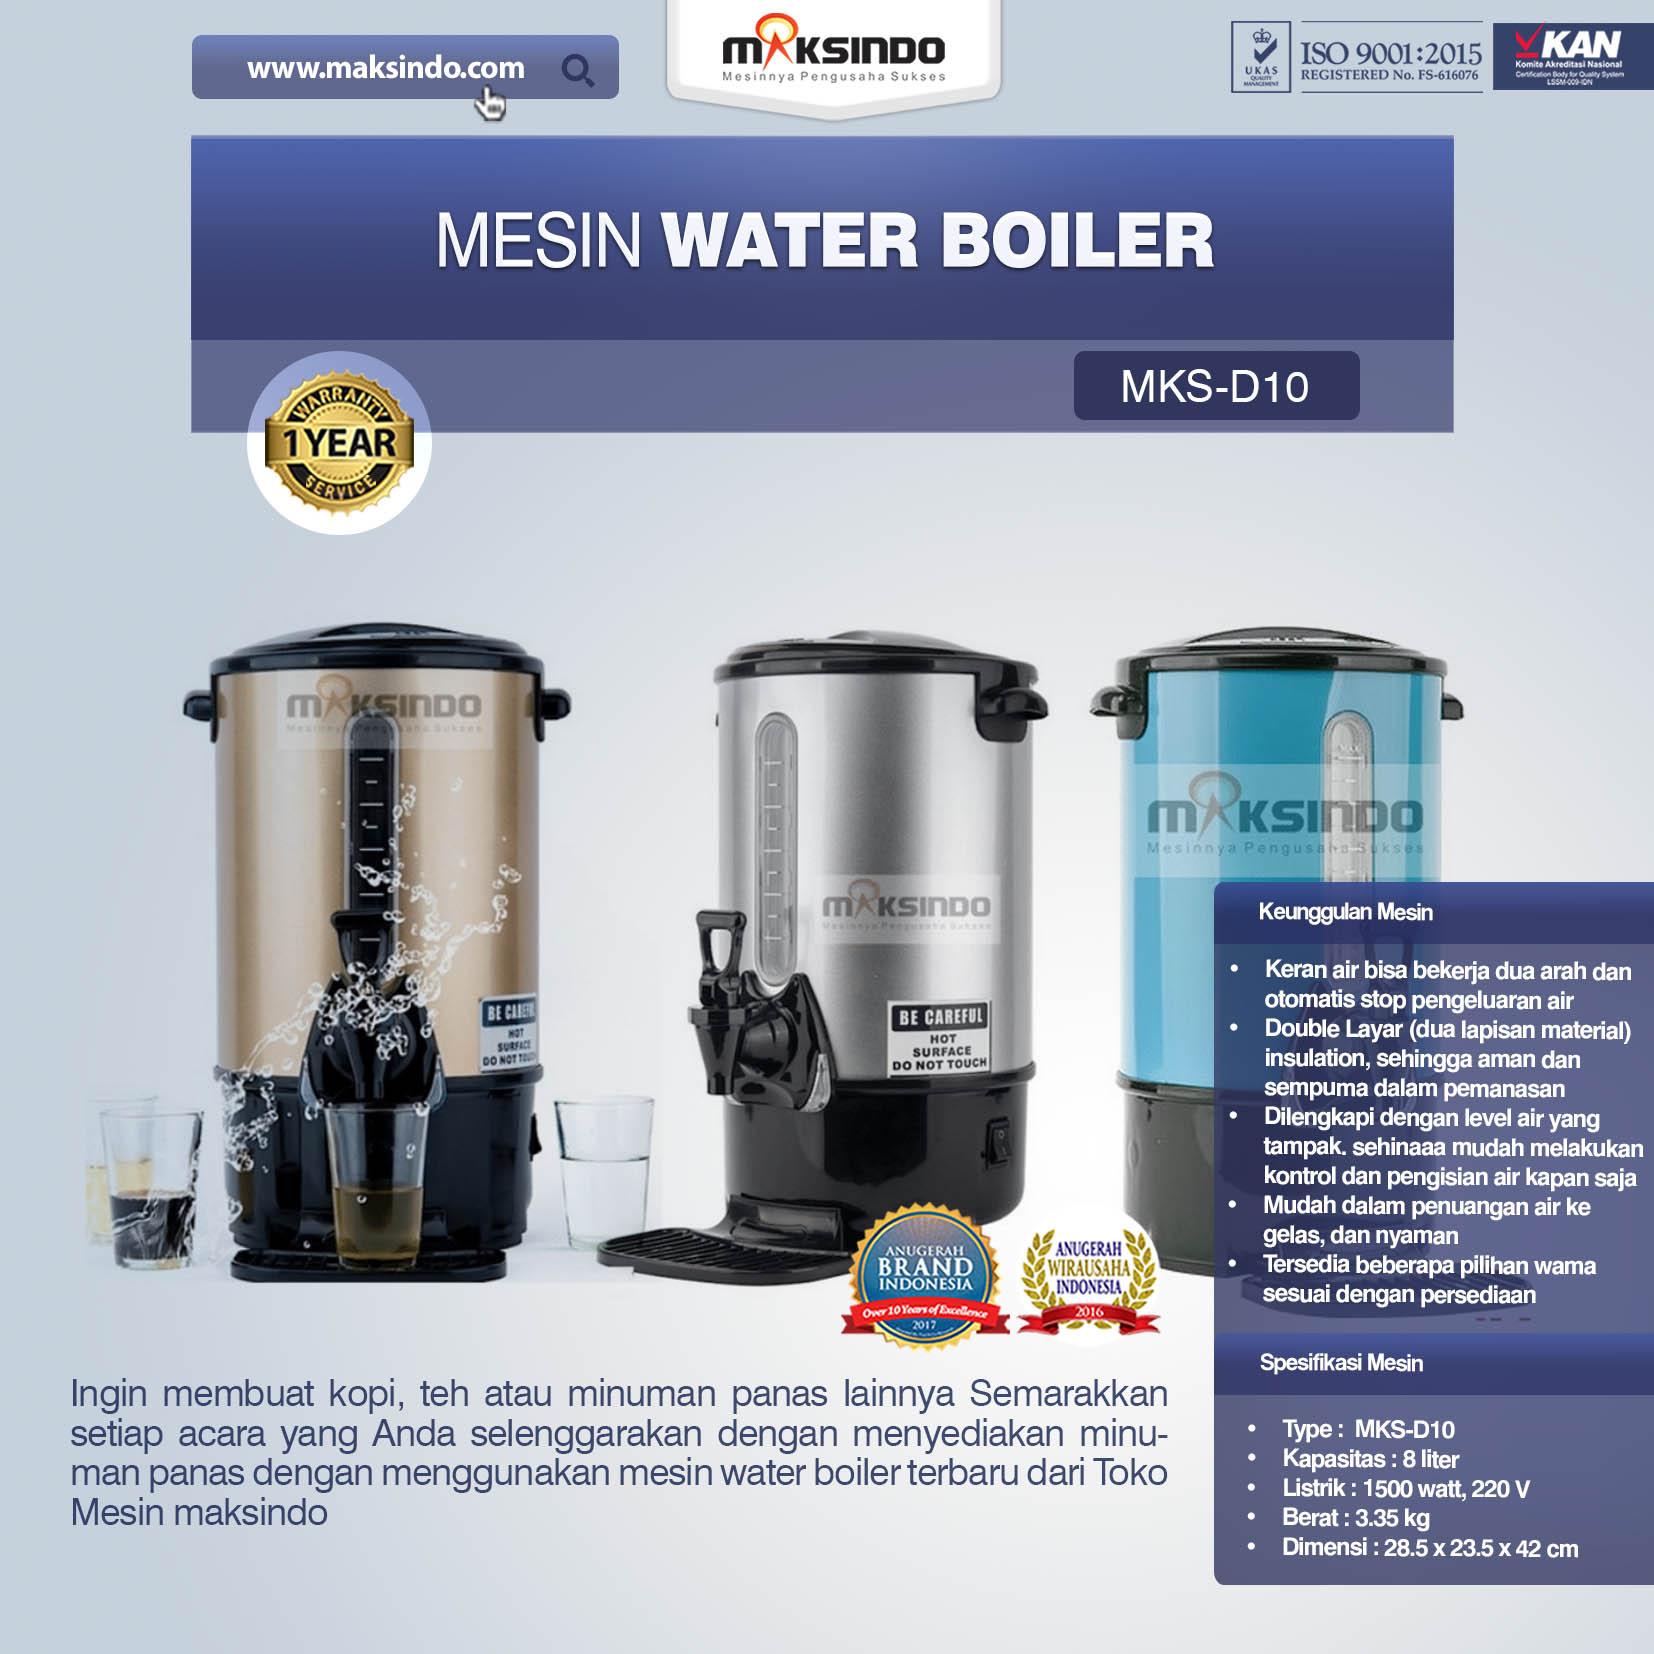 Jual Mesin Water Boiler New Model di Bali